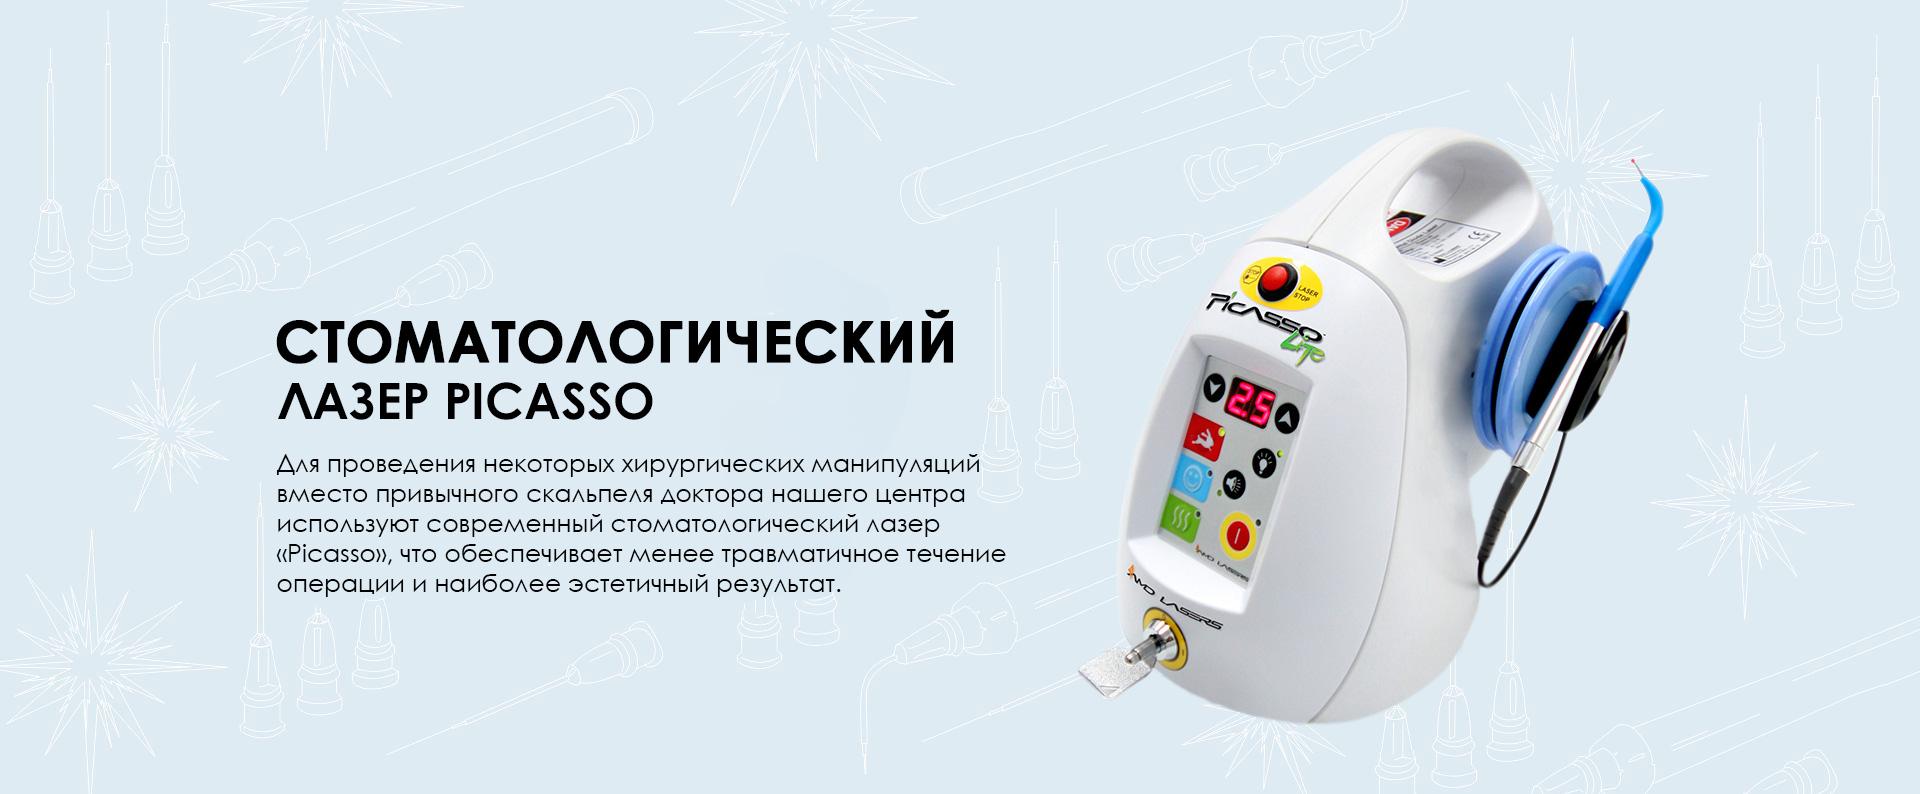 Стоматологический лазер Picasso